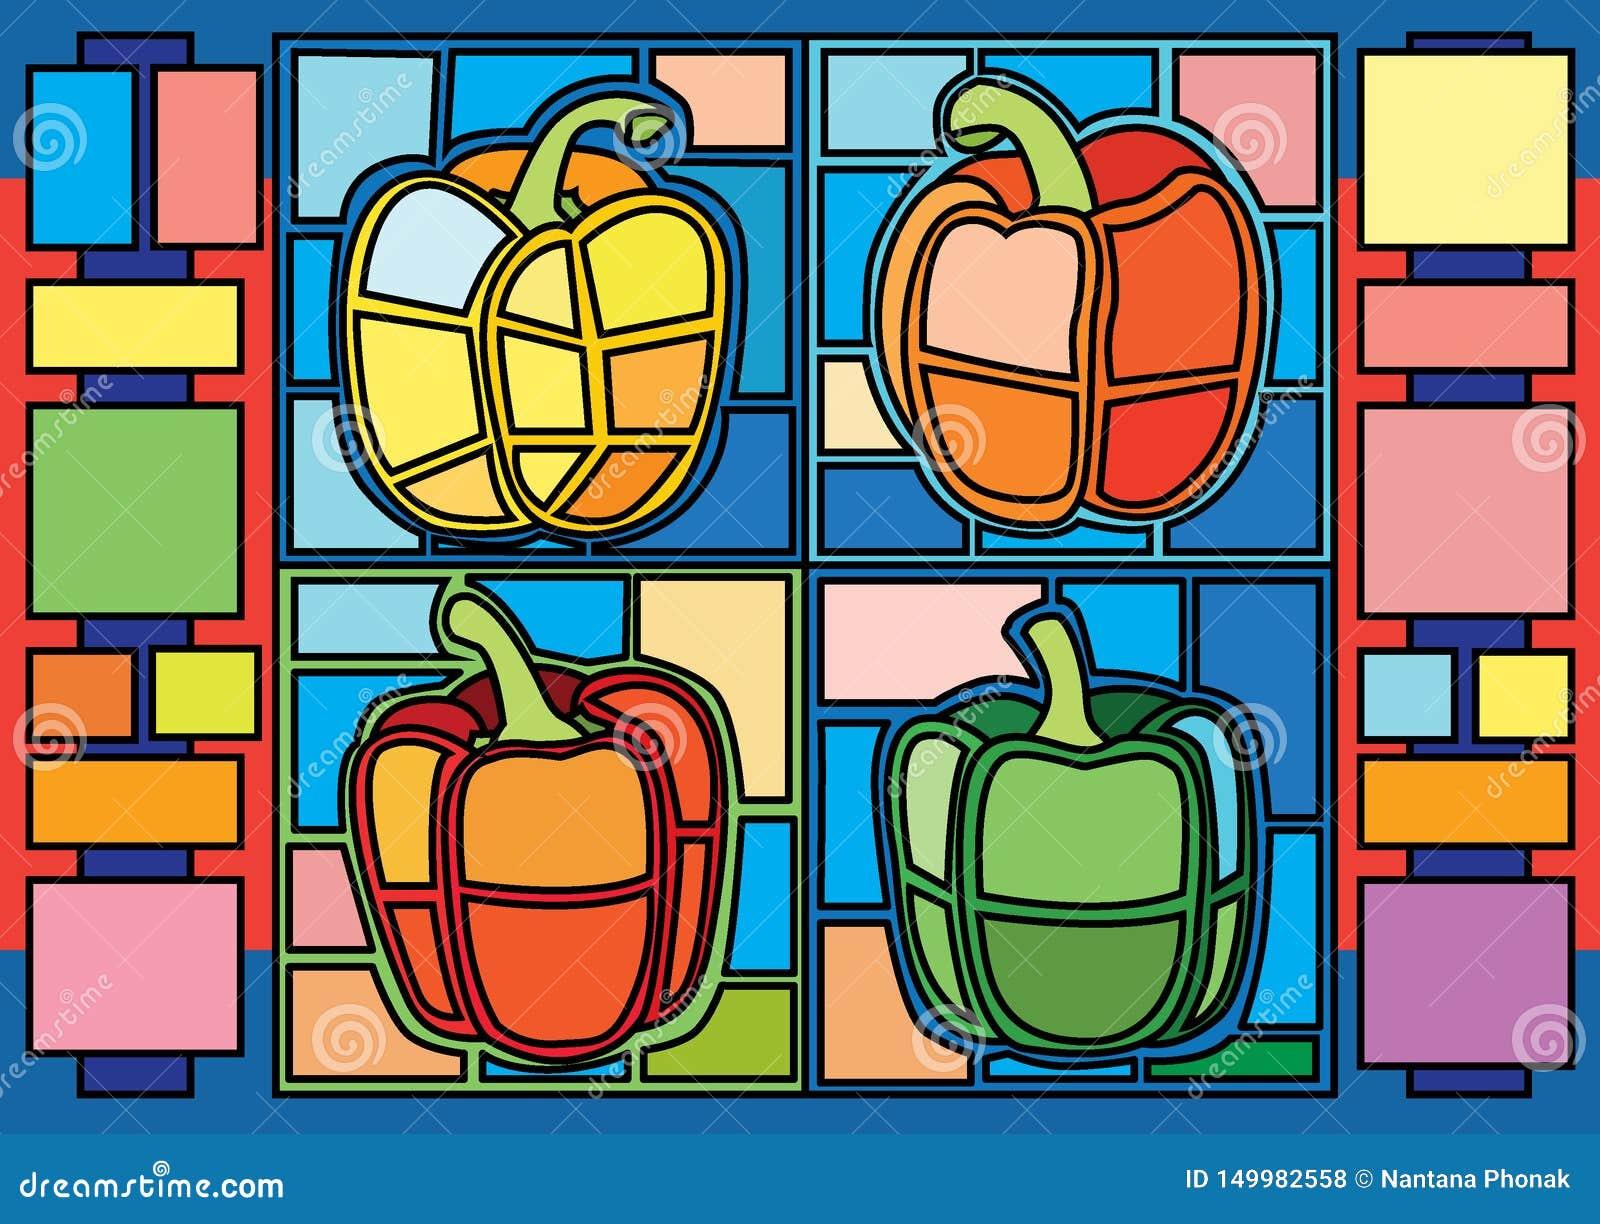 Le paprika Moïse a souillé le verre et est un verre de mosaïque qui est employé pour décorer une image d une porte de fenêtre